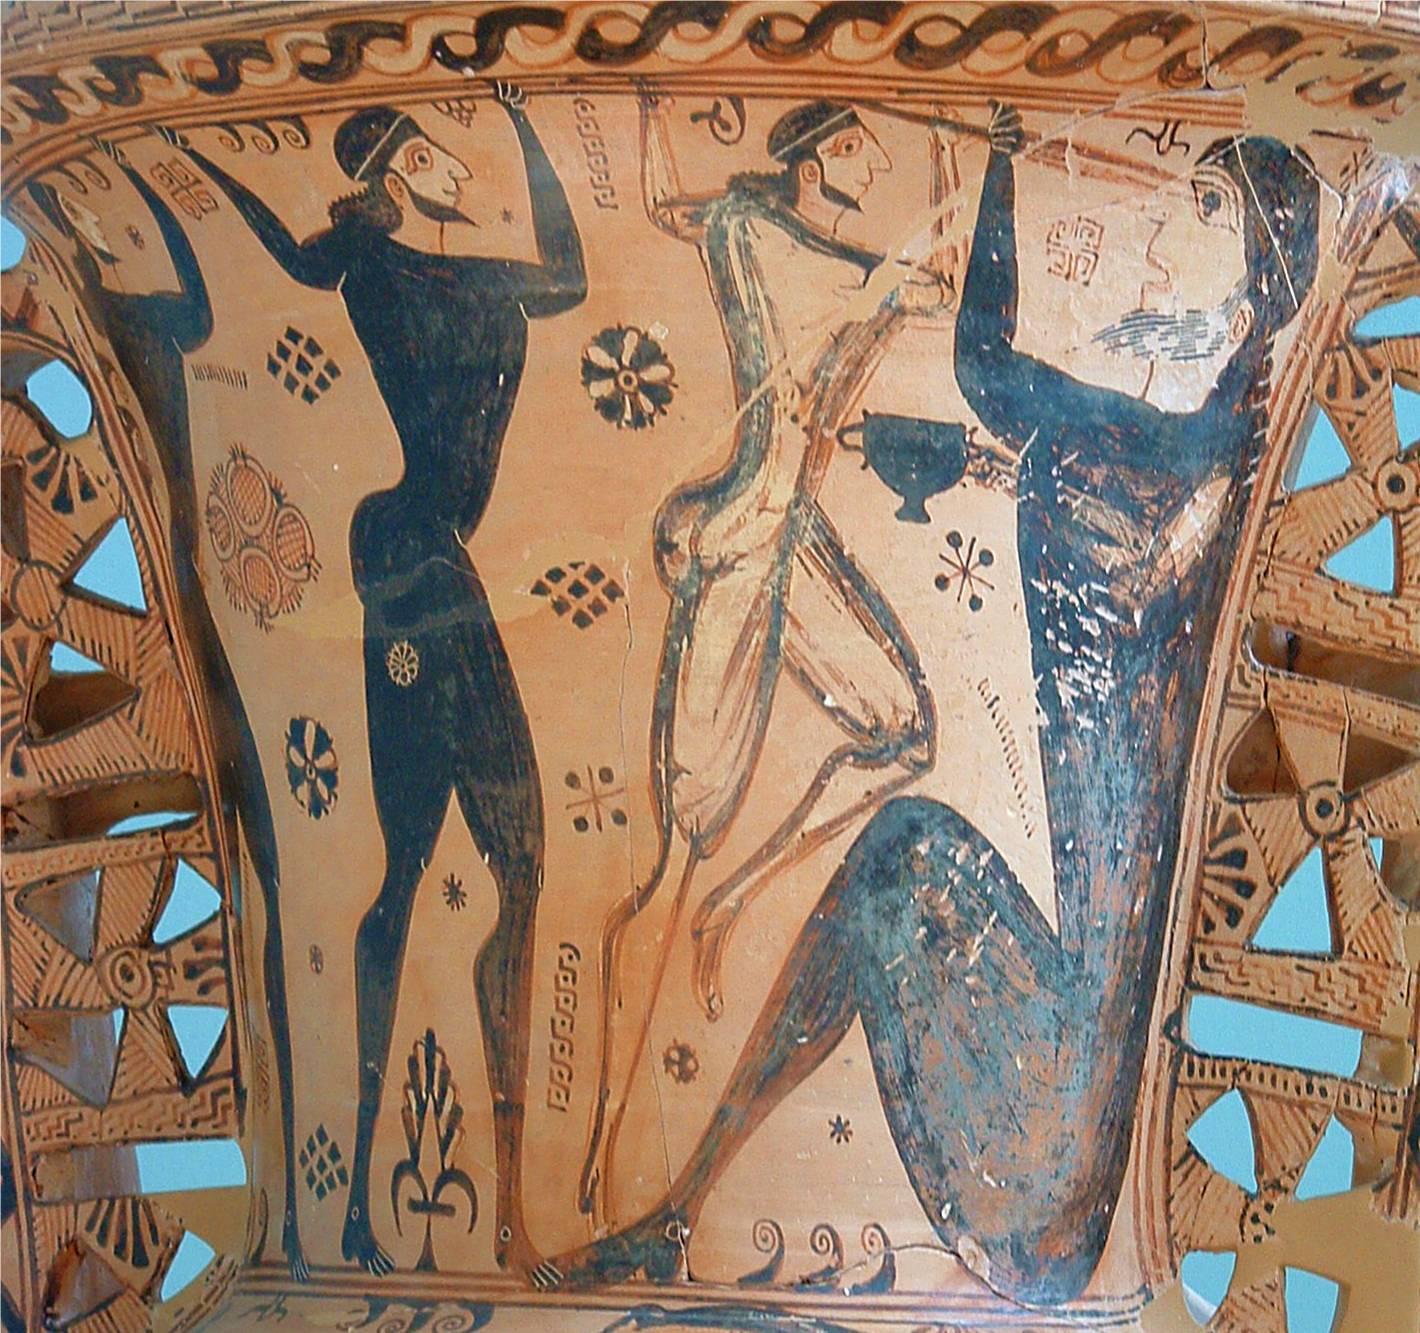 Ulysse aveuglant Polyphème